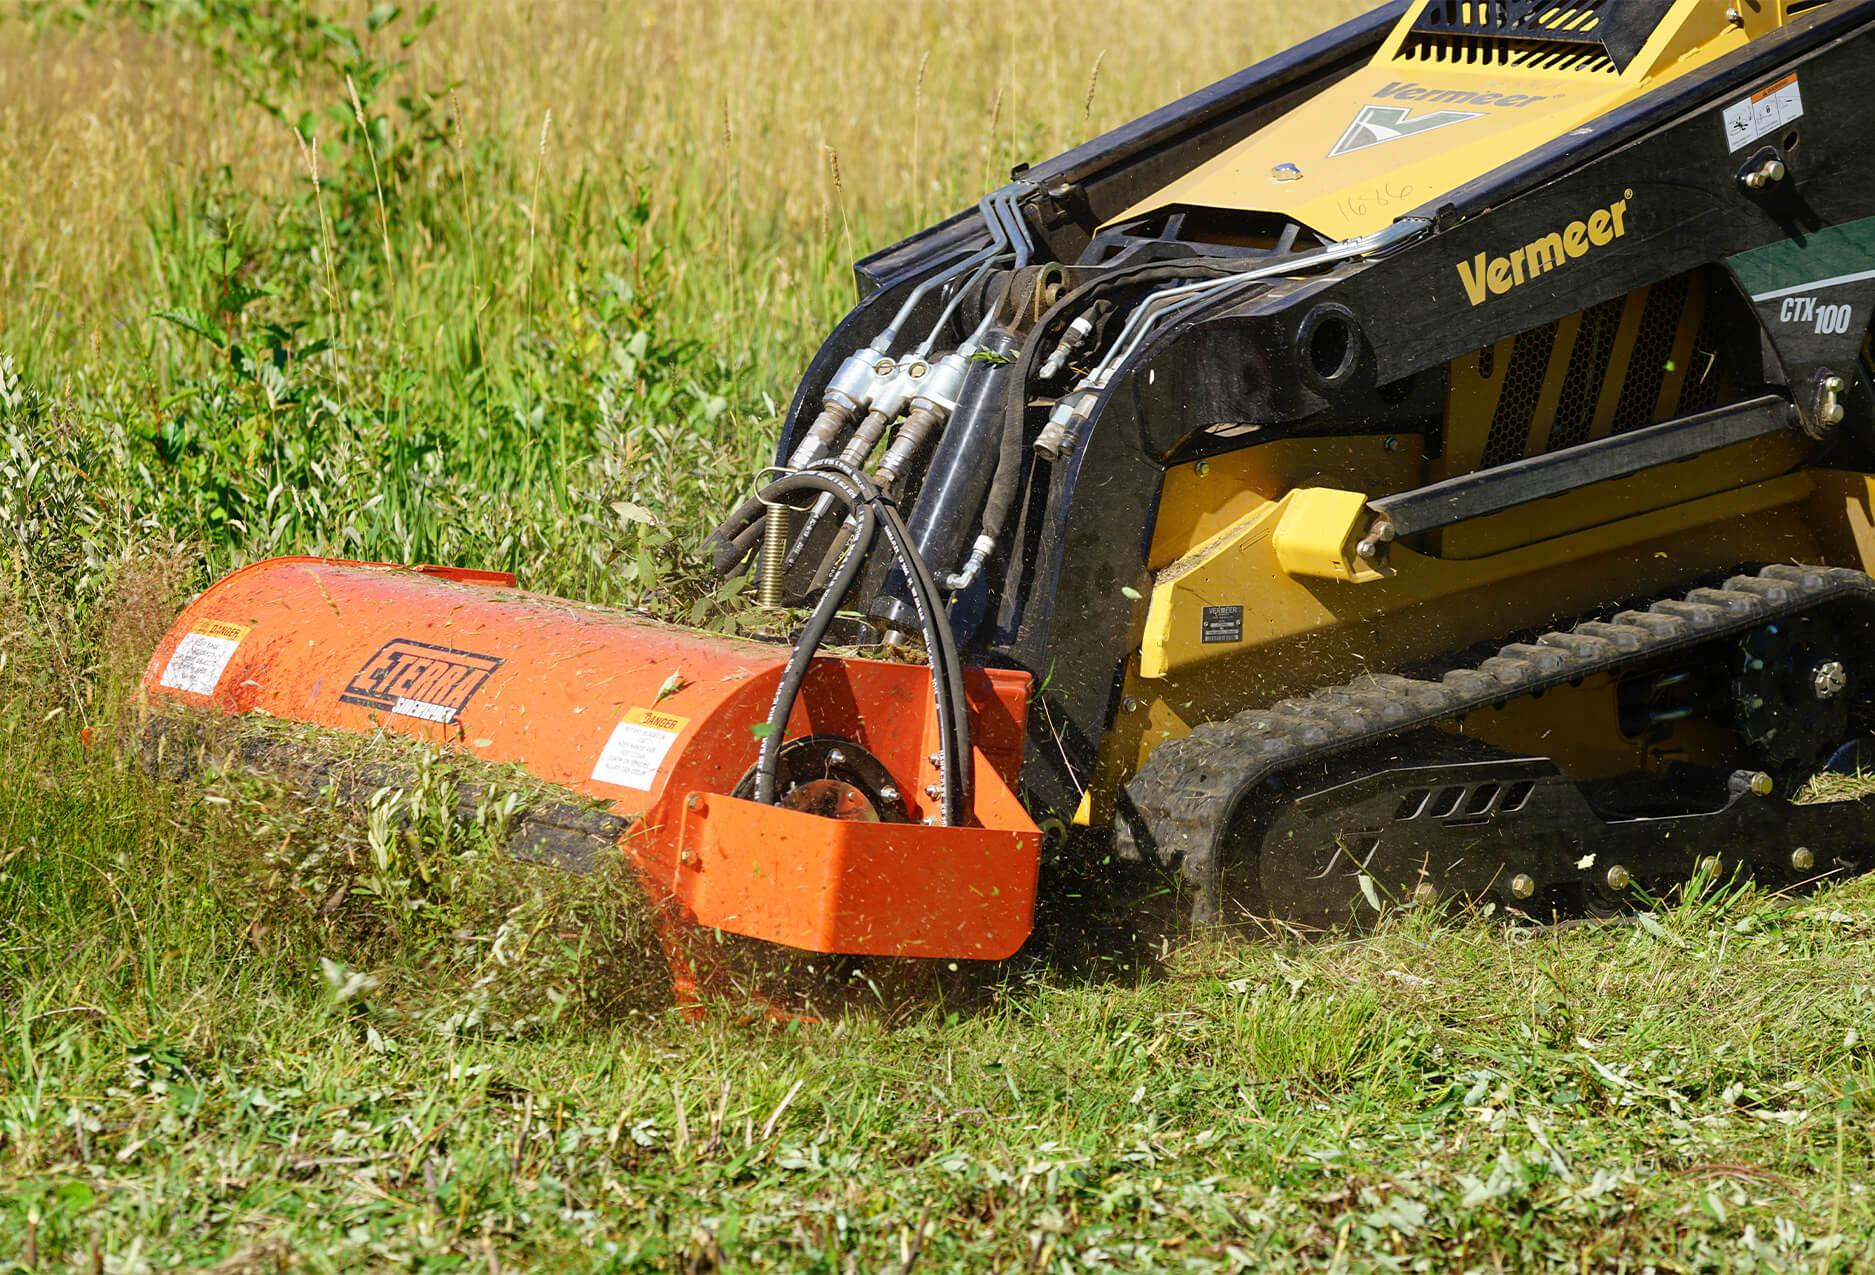 Eterra Sidewinder mini Skid Steer flail mower field mowing